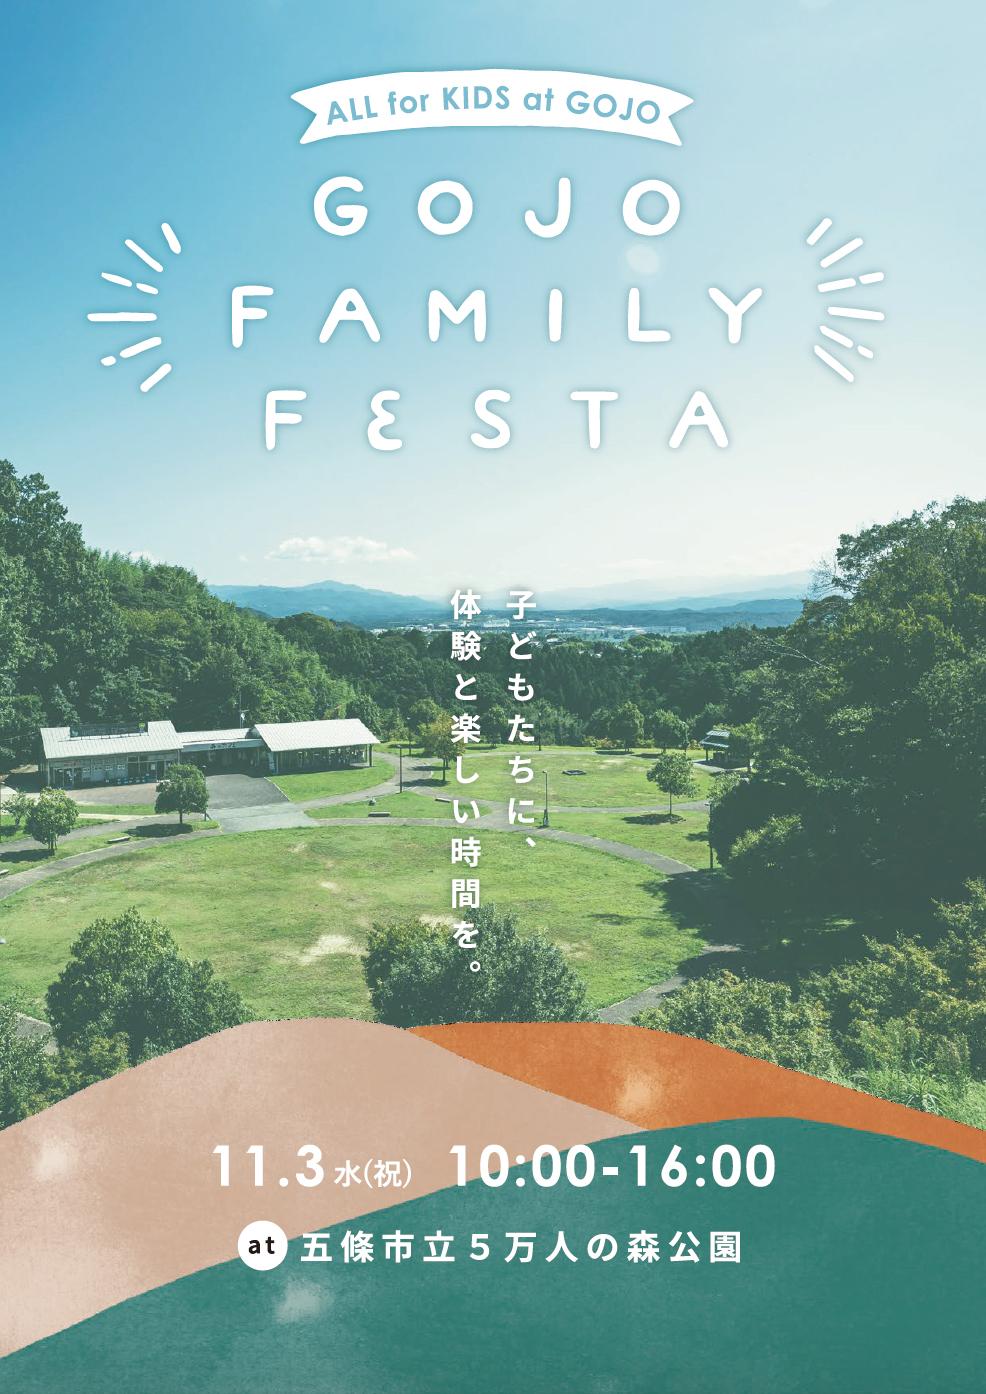 五條市立5万人の森公園でファミリーイベント開催!『GOJO FAMILY FESTA』